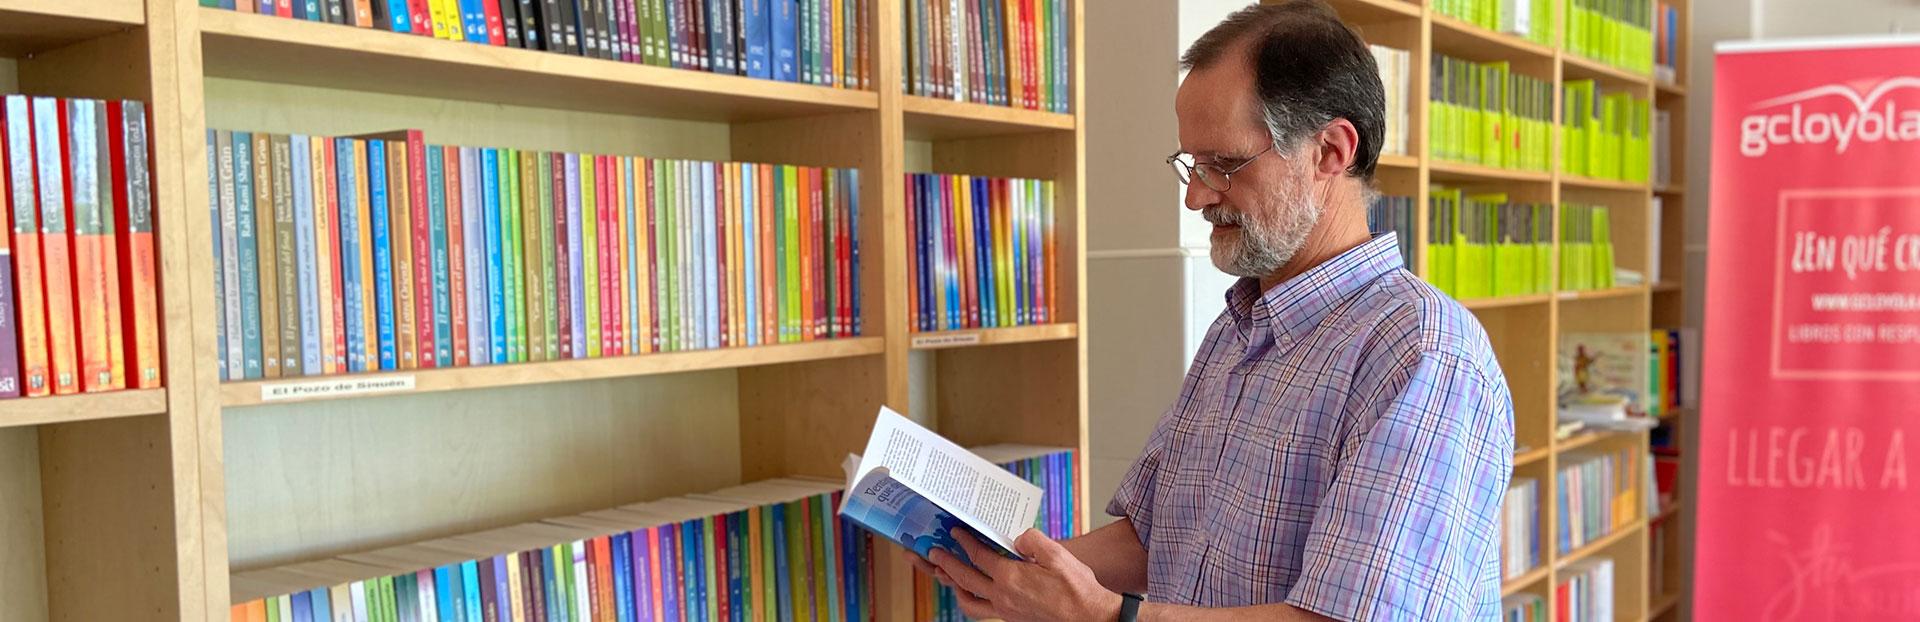 Sostenere l'Anno Ignaziano attraverso le pubblicazioni